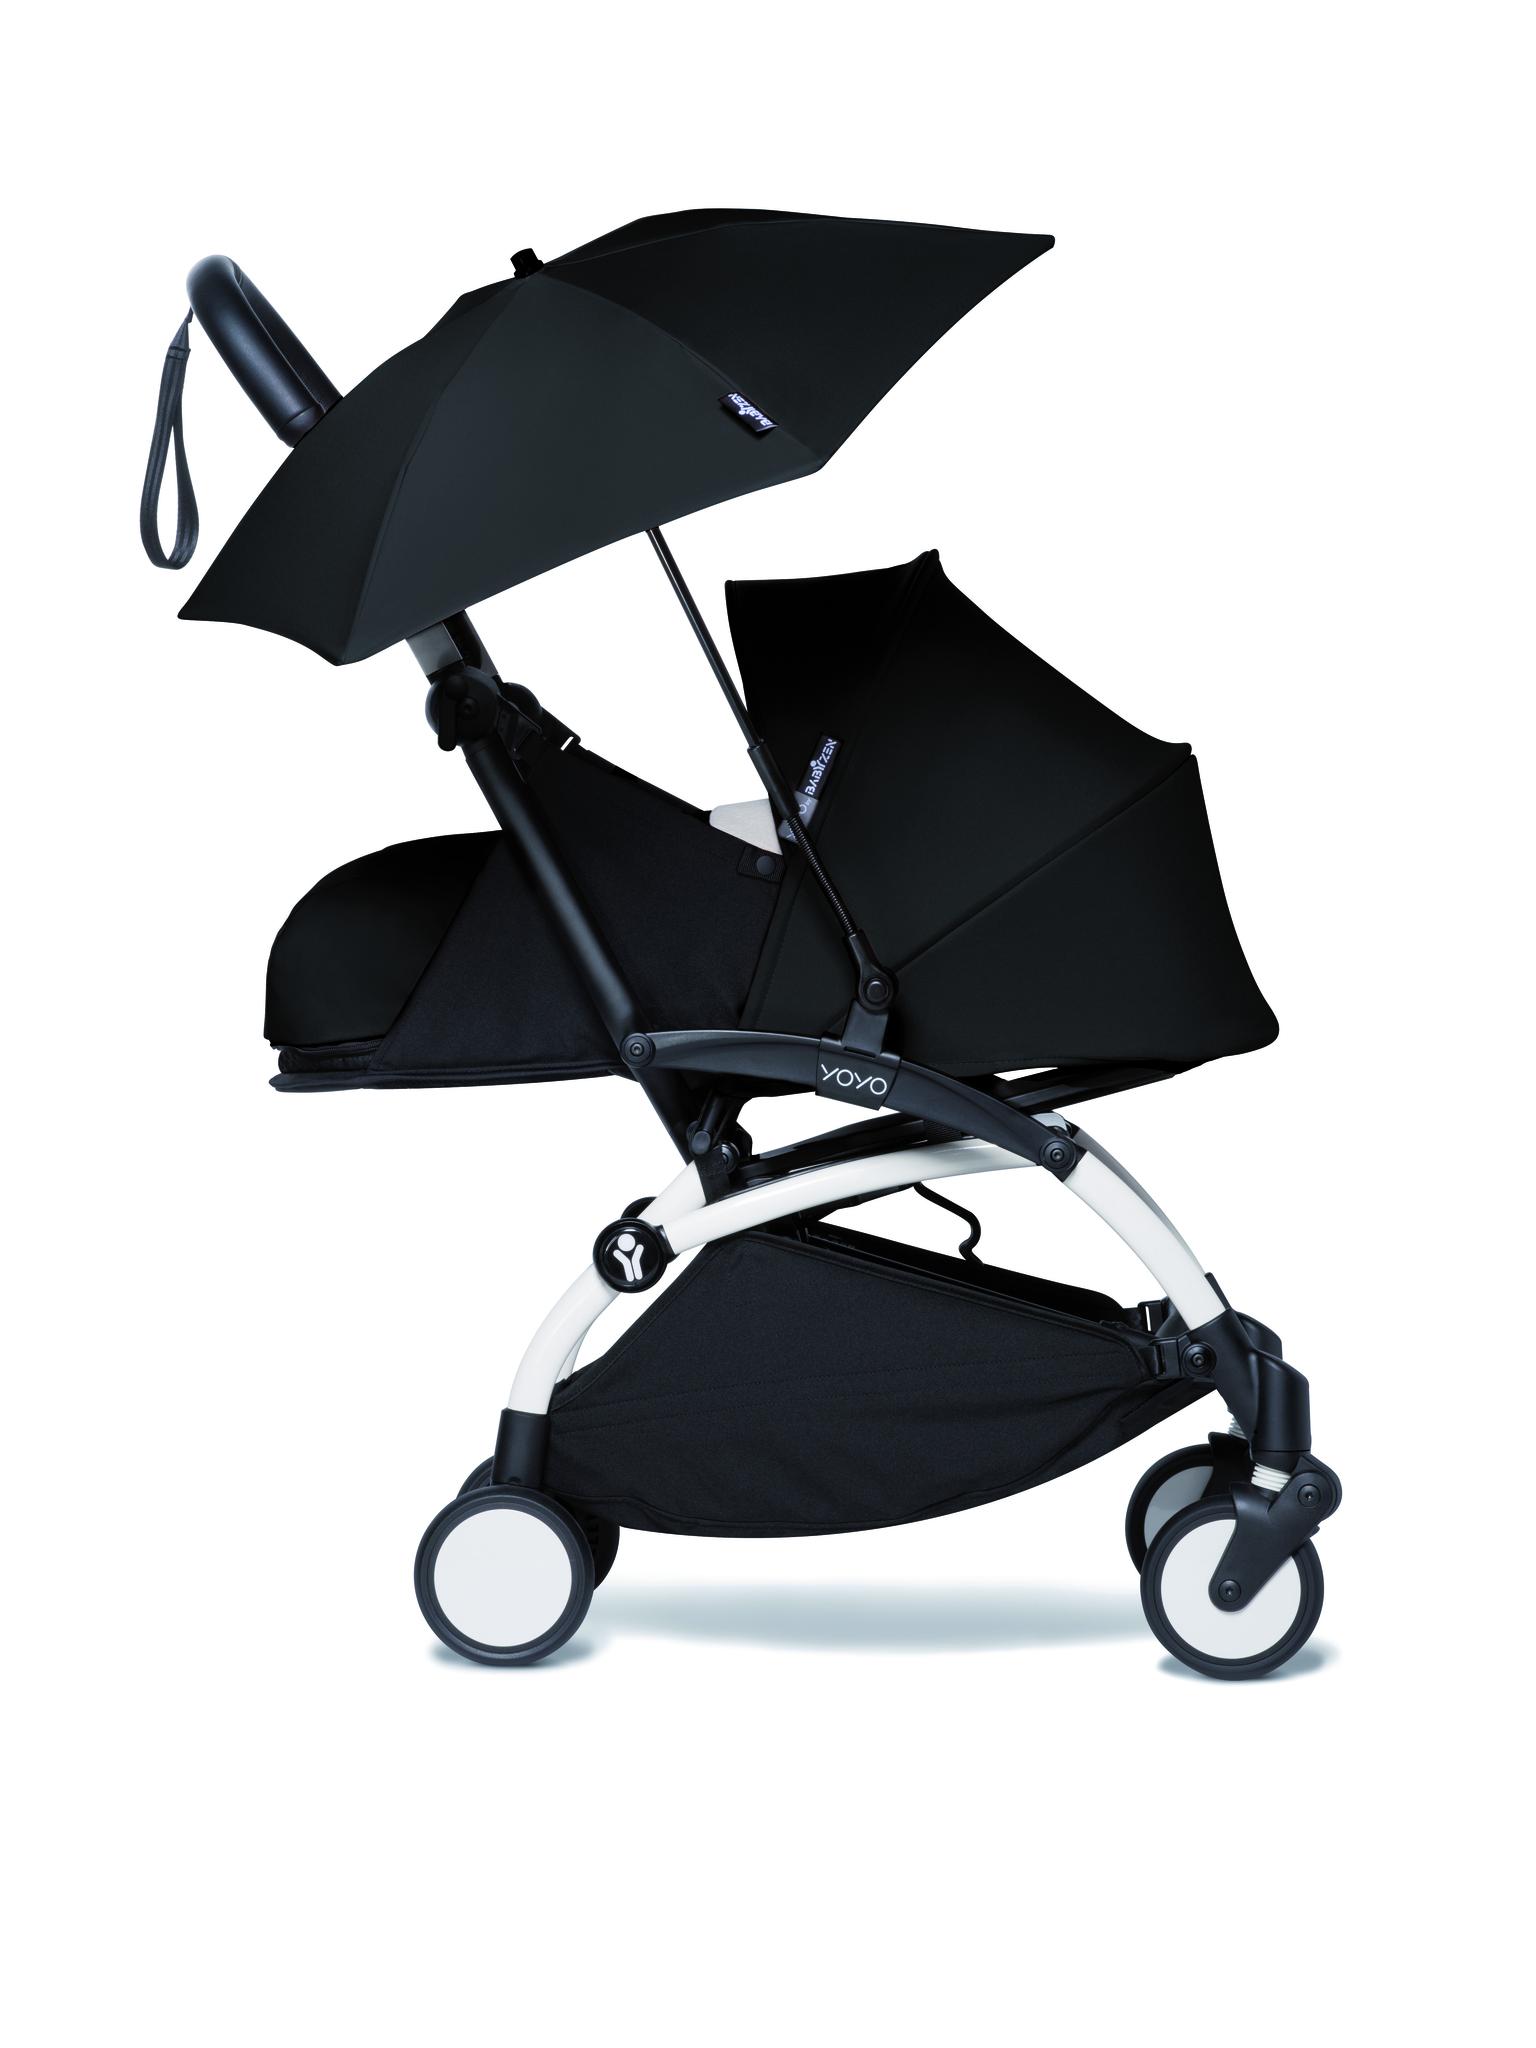 Зонт BabyZen YOYO + Black Черный